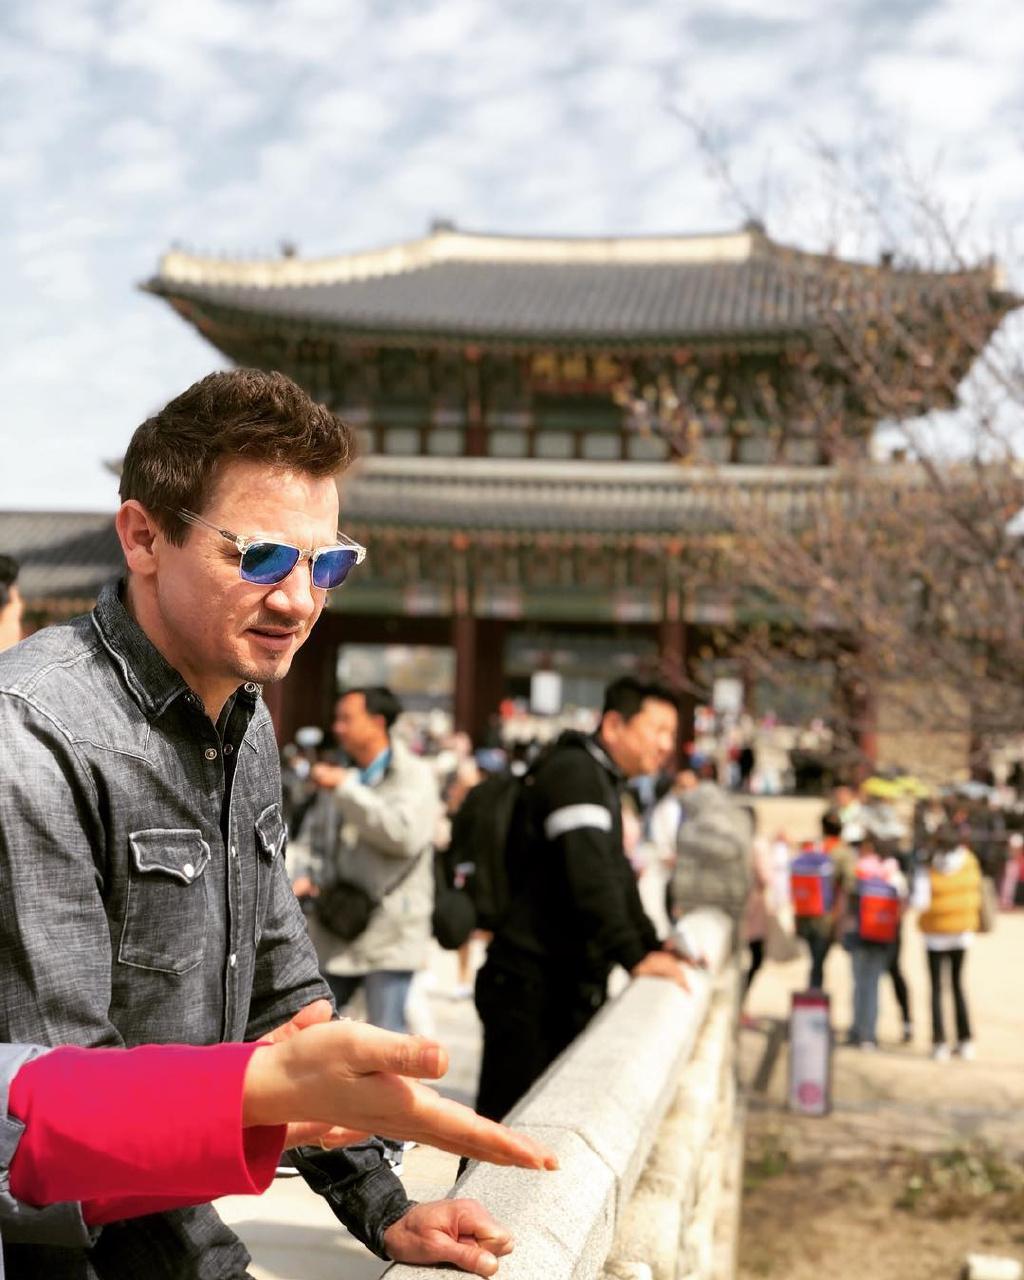 《复联4》韩国首映礼片场照 鹰眼好骚、惊队秀肌肉